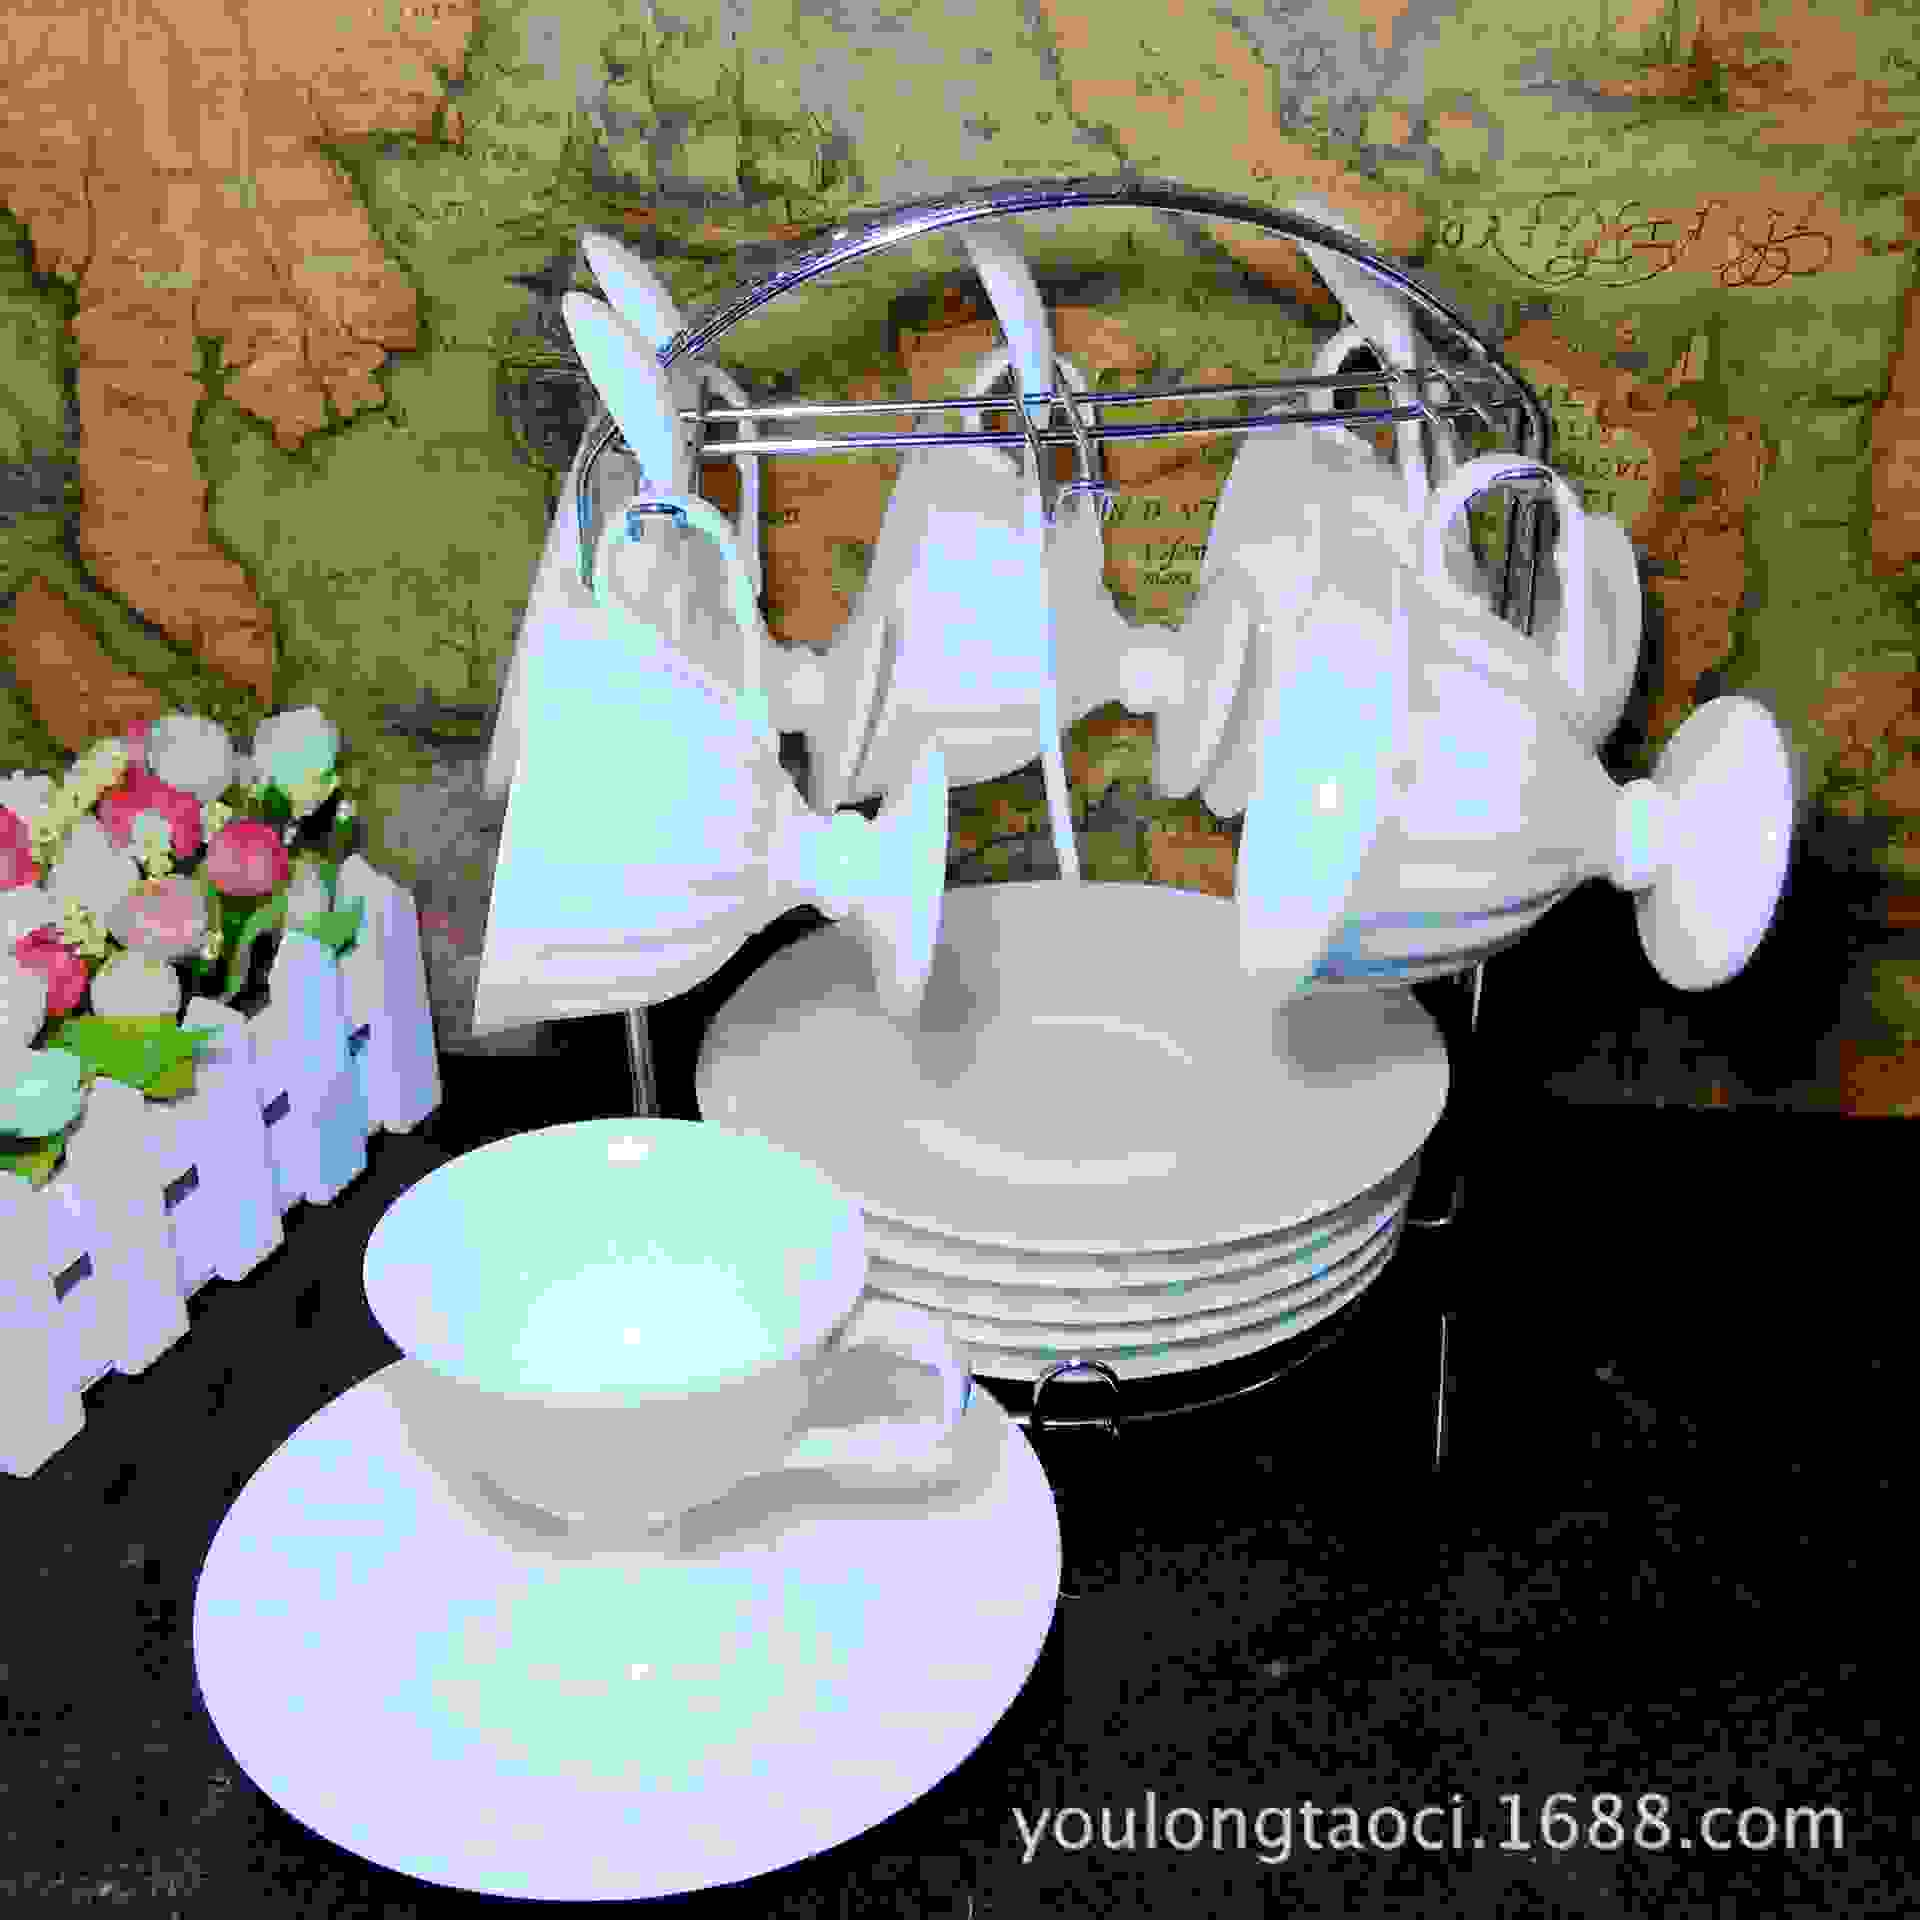 欧式陶瓷咖啡杯架子厂家批发六杯碟杯具不锈钢架创意雕花边收纳架